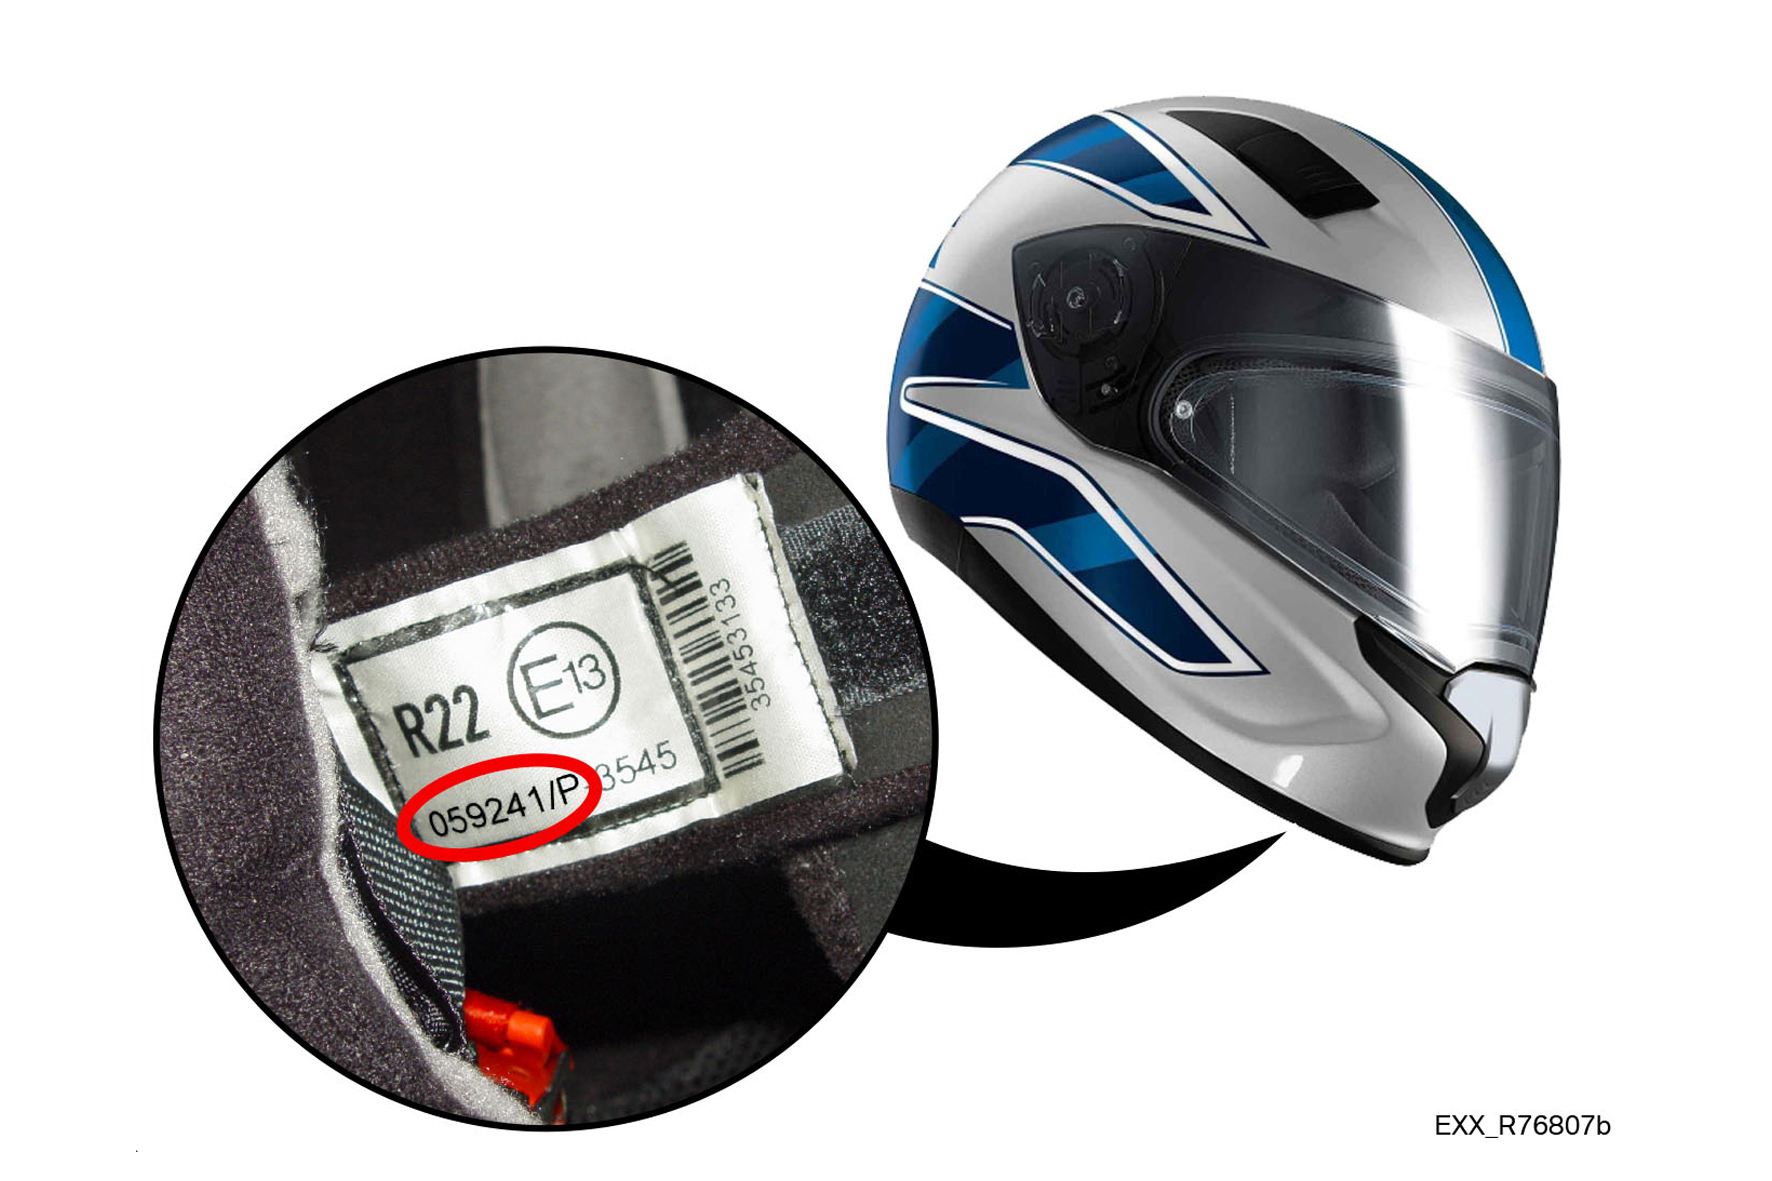 """mid München - Die Helme des Modells """"BMW Helm Sport"""" entsprechen zum Teil nicht den Typ-Prüfanforderungen nach der europäischen Norm UNECE R 22.05. BMW Motorrad hat sich deshalb entschlossen, diese Helme vom Markt zu nehmen."""